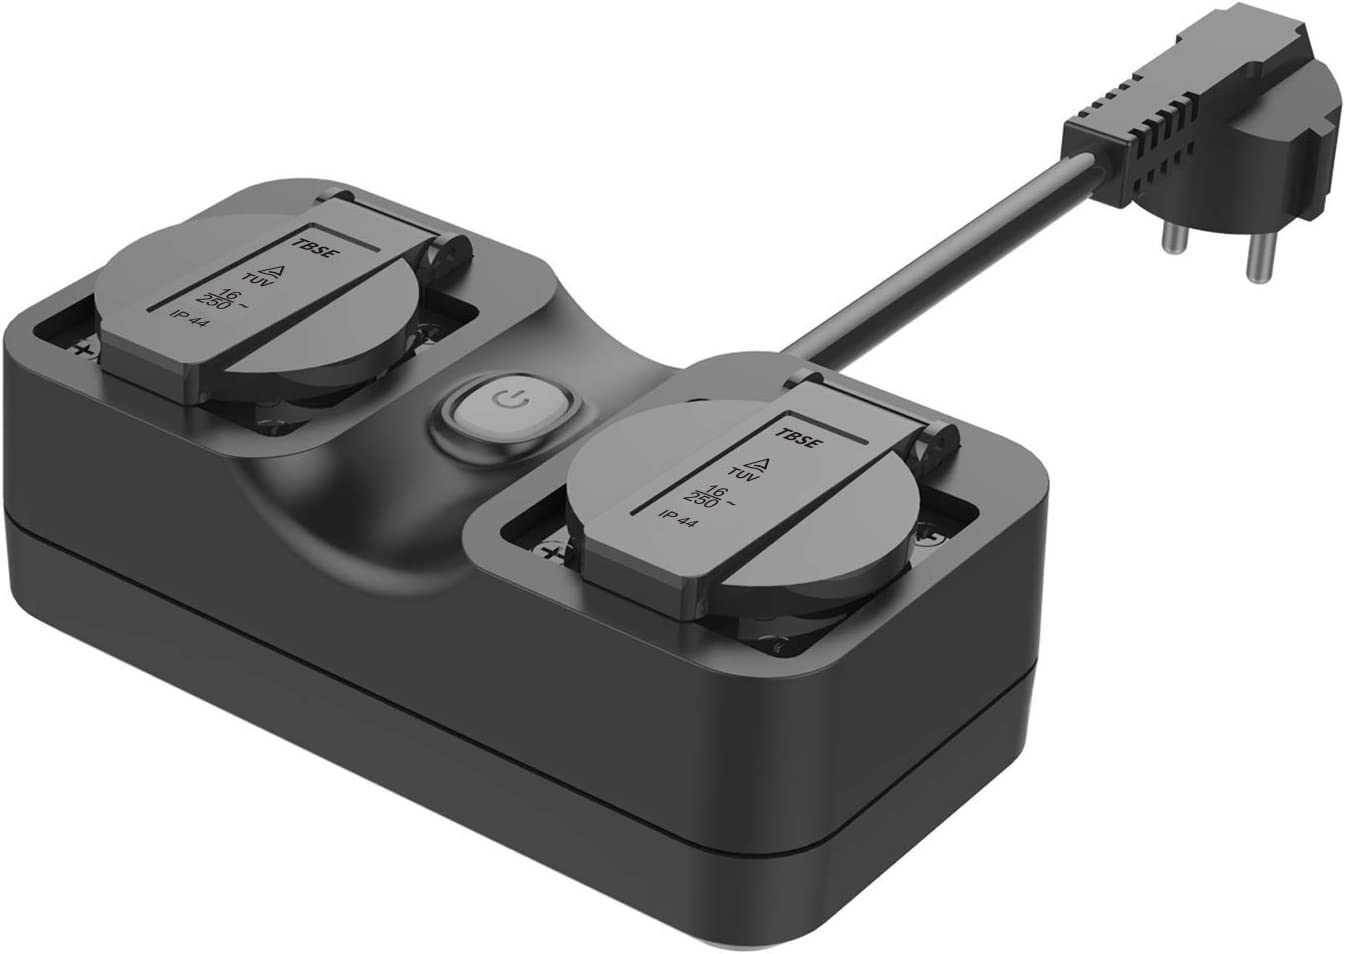 Meross Wlan Outdoor Steckdose Wasserdicht Smart Home Intelligente Wi Fi Außensteckdose Mit 2 Ausgänge Mit App Fernsteuerung Kompatibel Mit Alexa Google Home Und Ifttt Baumarkt